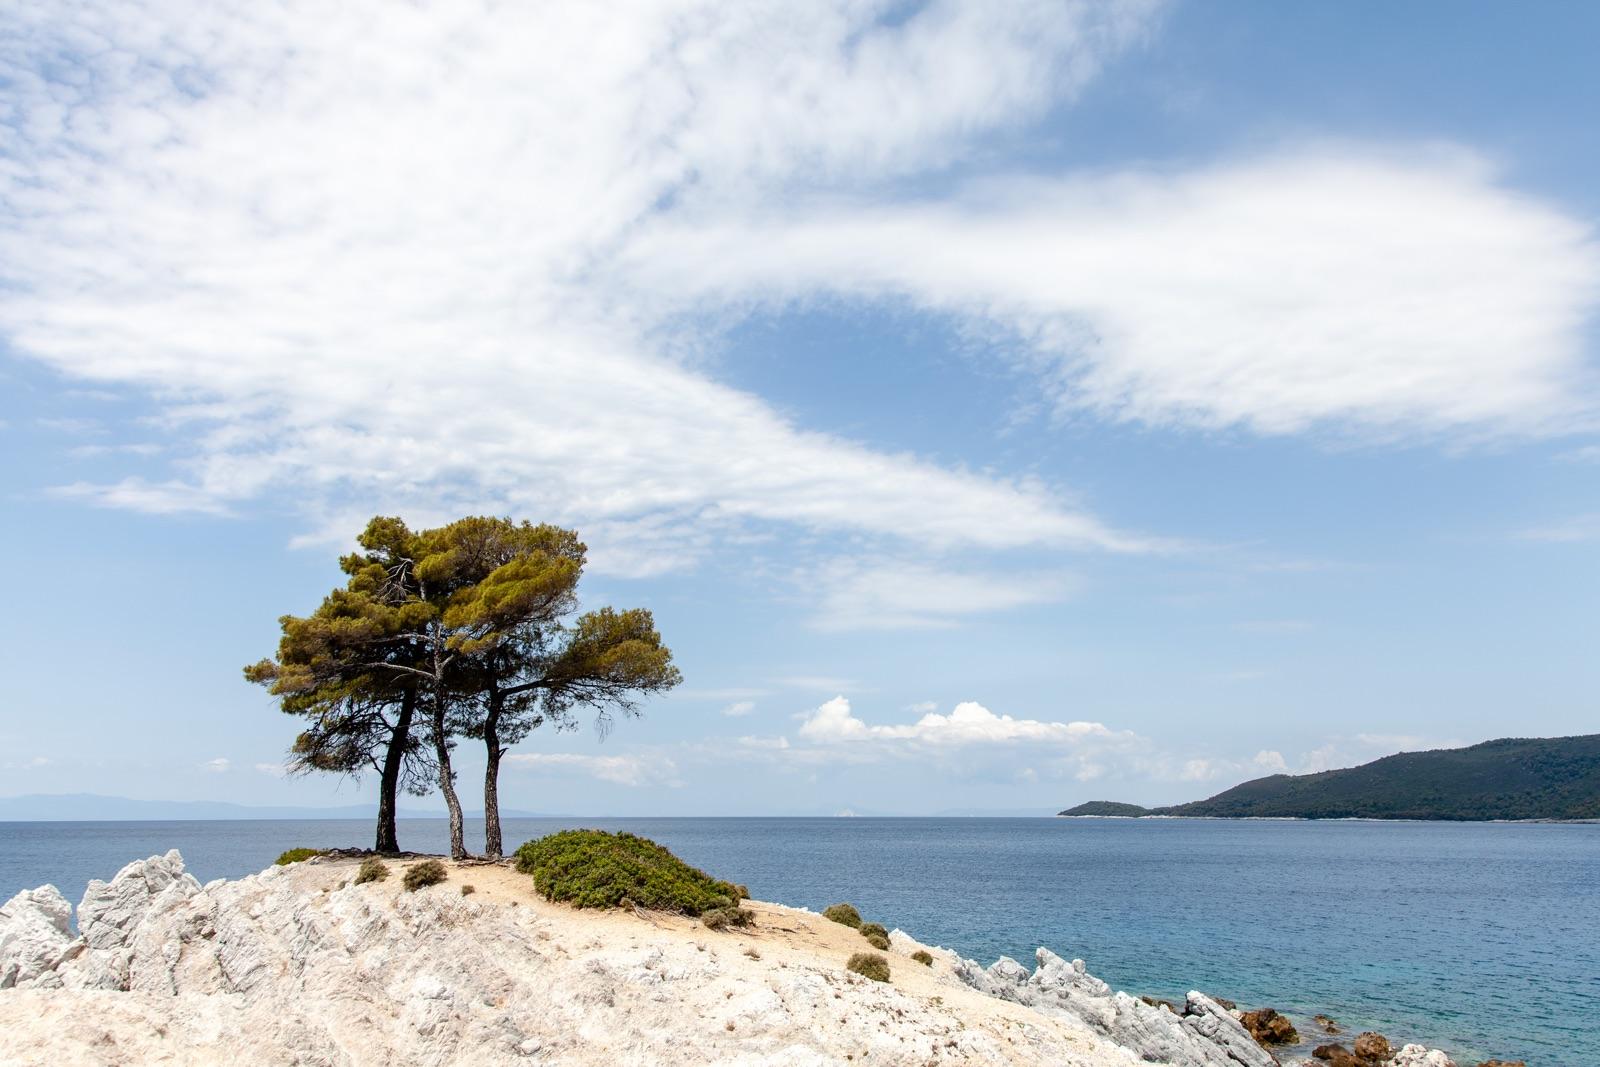 foto van Grieks eiland Skopelos, wat bomen op een wit gesteente bij de zee